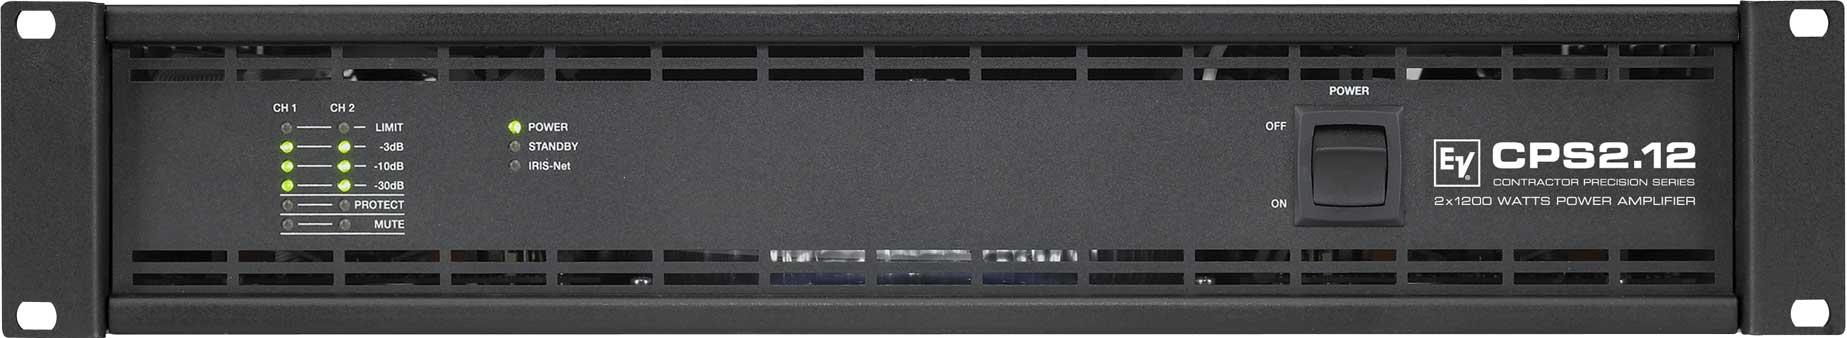 Power Amplifier, 2-Channel, 2 x 1100W @ 4 ohms